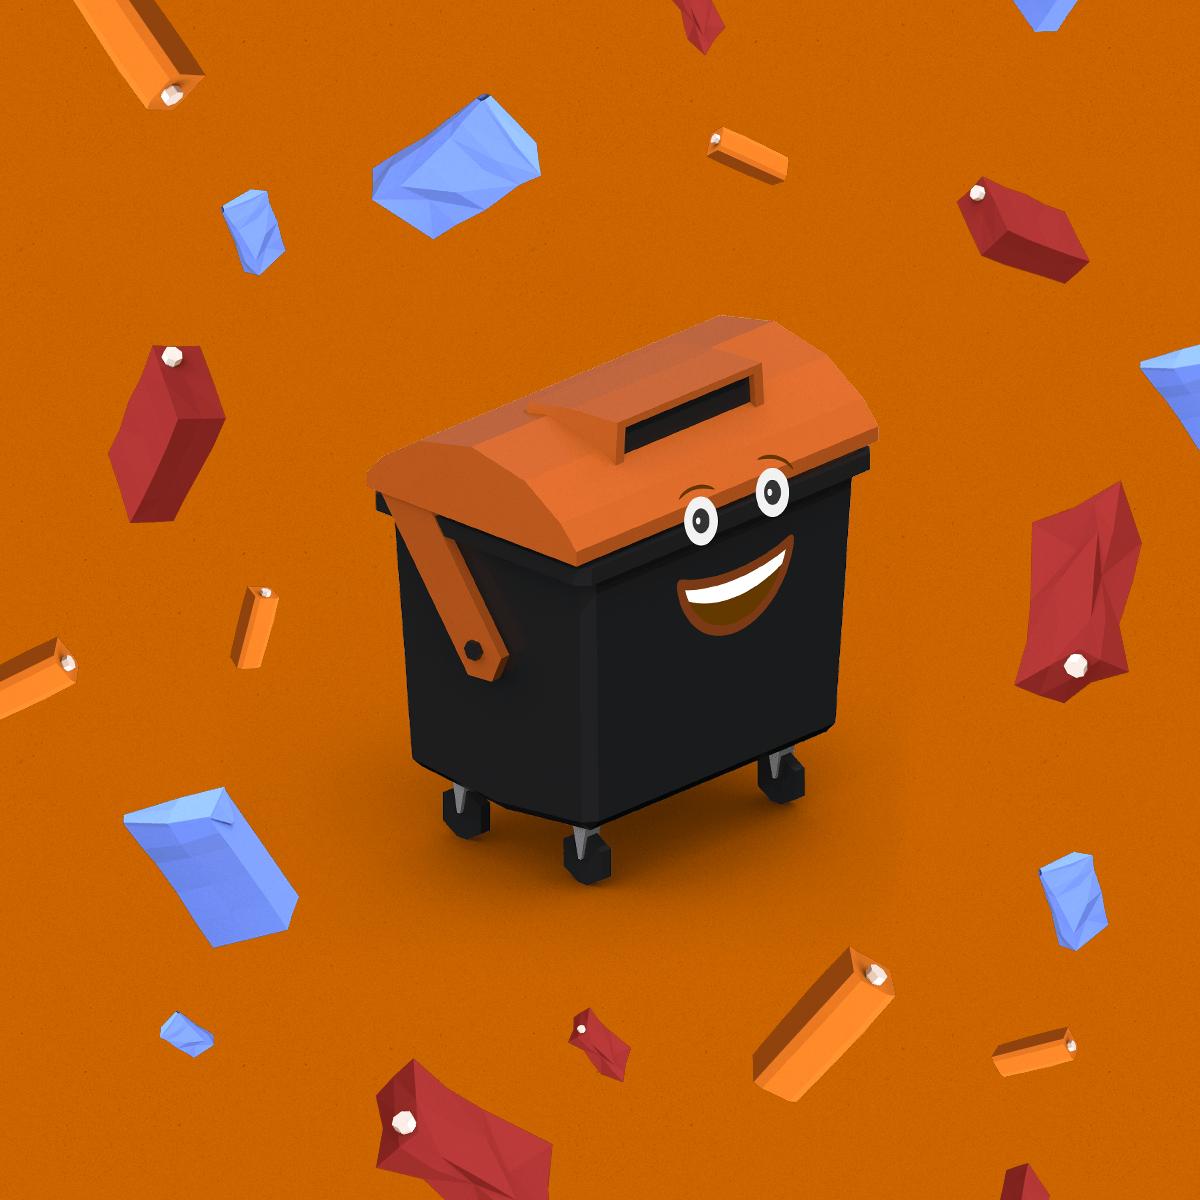 chatbot_samosebou_kontejner_oranzovy_napojovy_karton